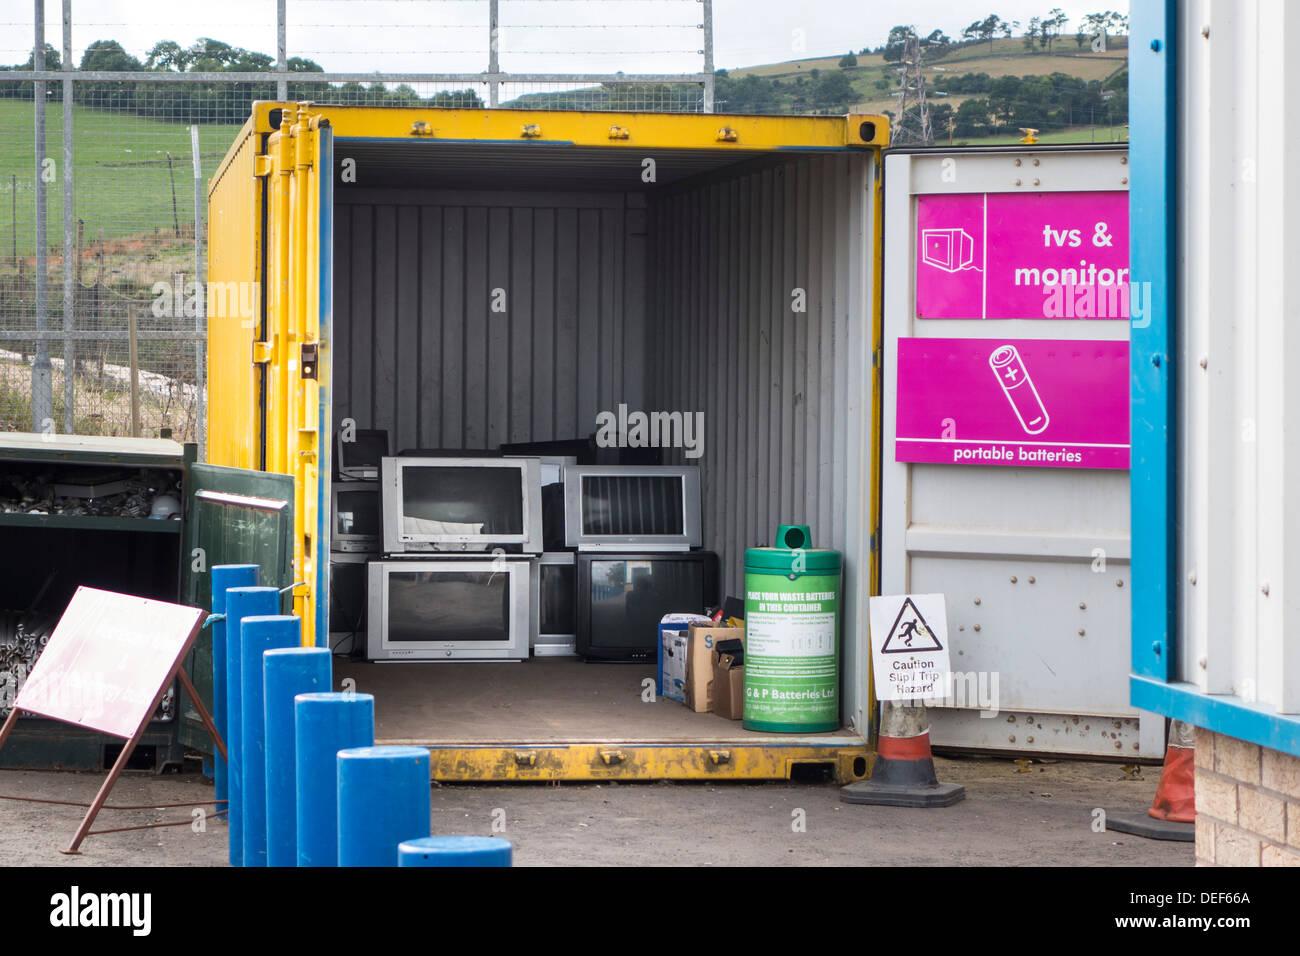 TV - Téléviseurs ancien dépôt de déchets de dumping, de l'Écosse Photo Stock